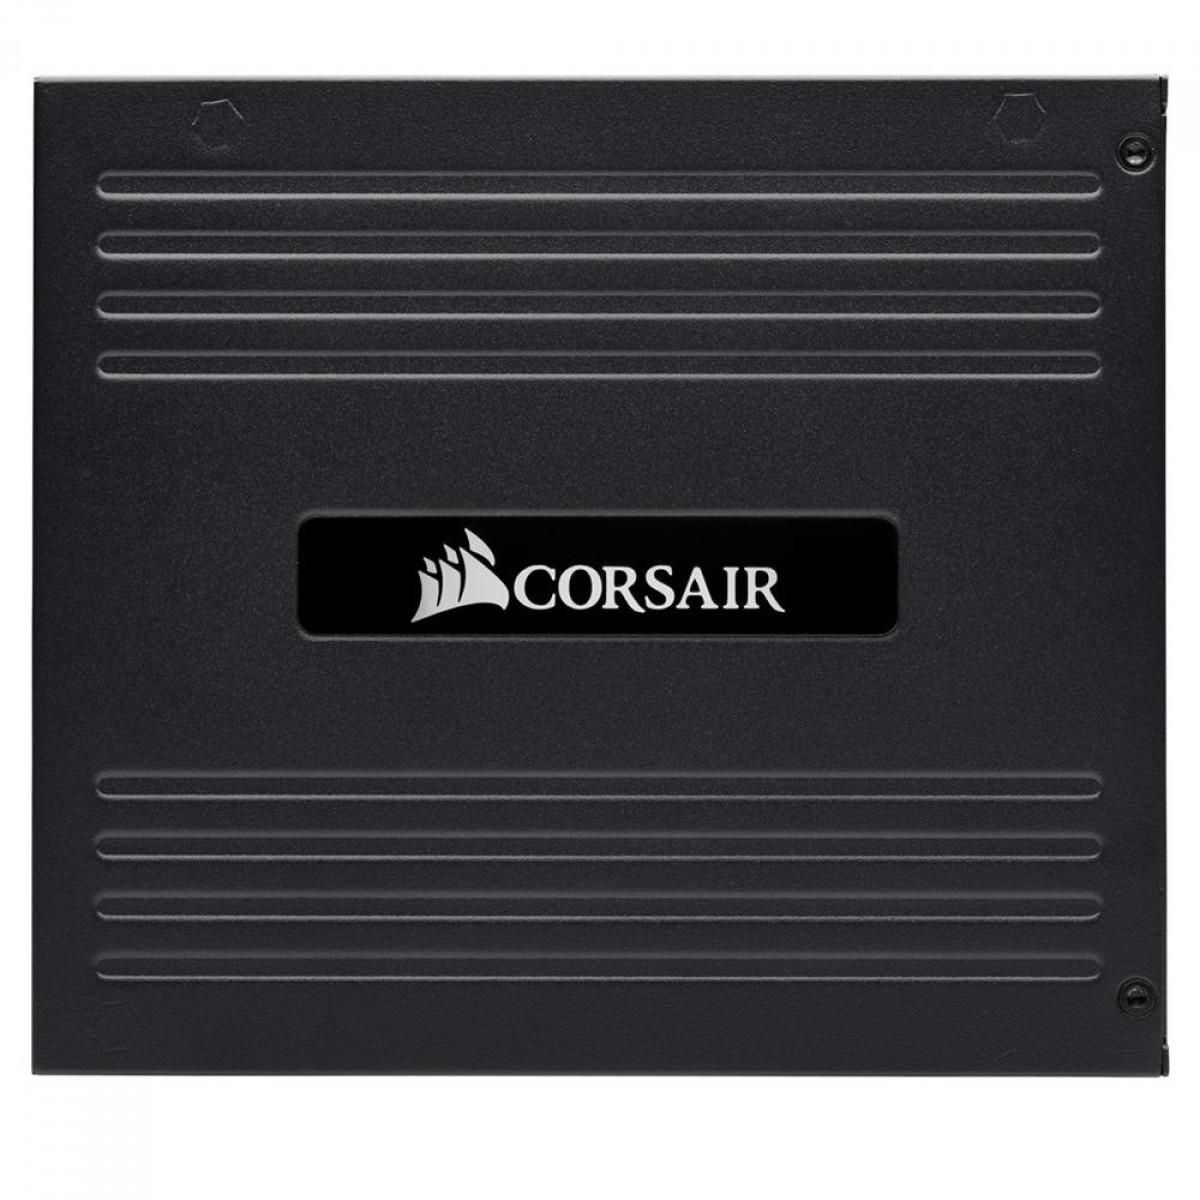 Fonte Corsair AX1000, 1000W, 80 Plus Titanium, PFC Ativo, Full Modular, Black, CP-9020152-WW